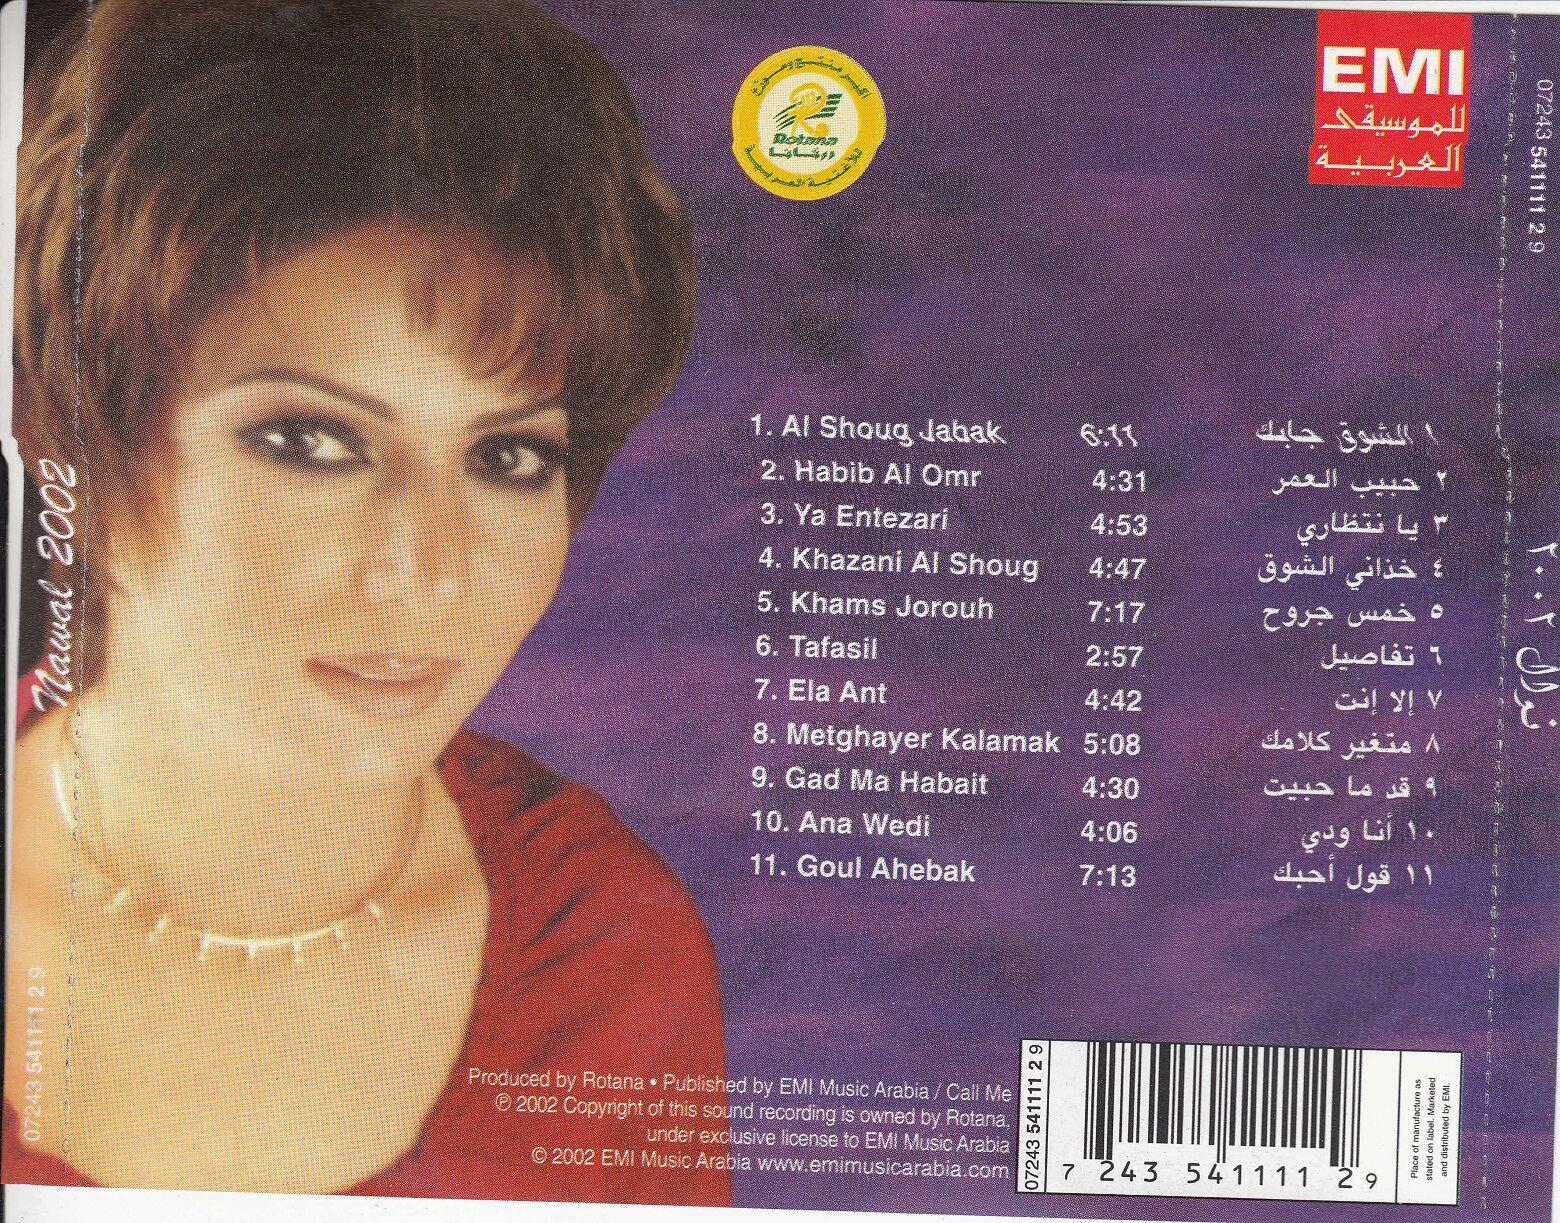 كفرات ألبوم نوال الكويتية :: 2002 :: CD Covers نسخة أصلية بجودة عالية جداا حصريا على أكثر من سيرفر Img_0010